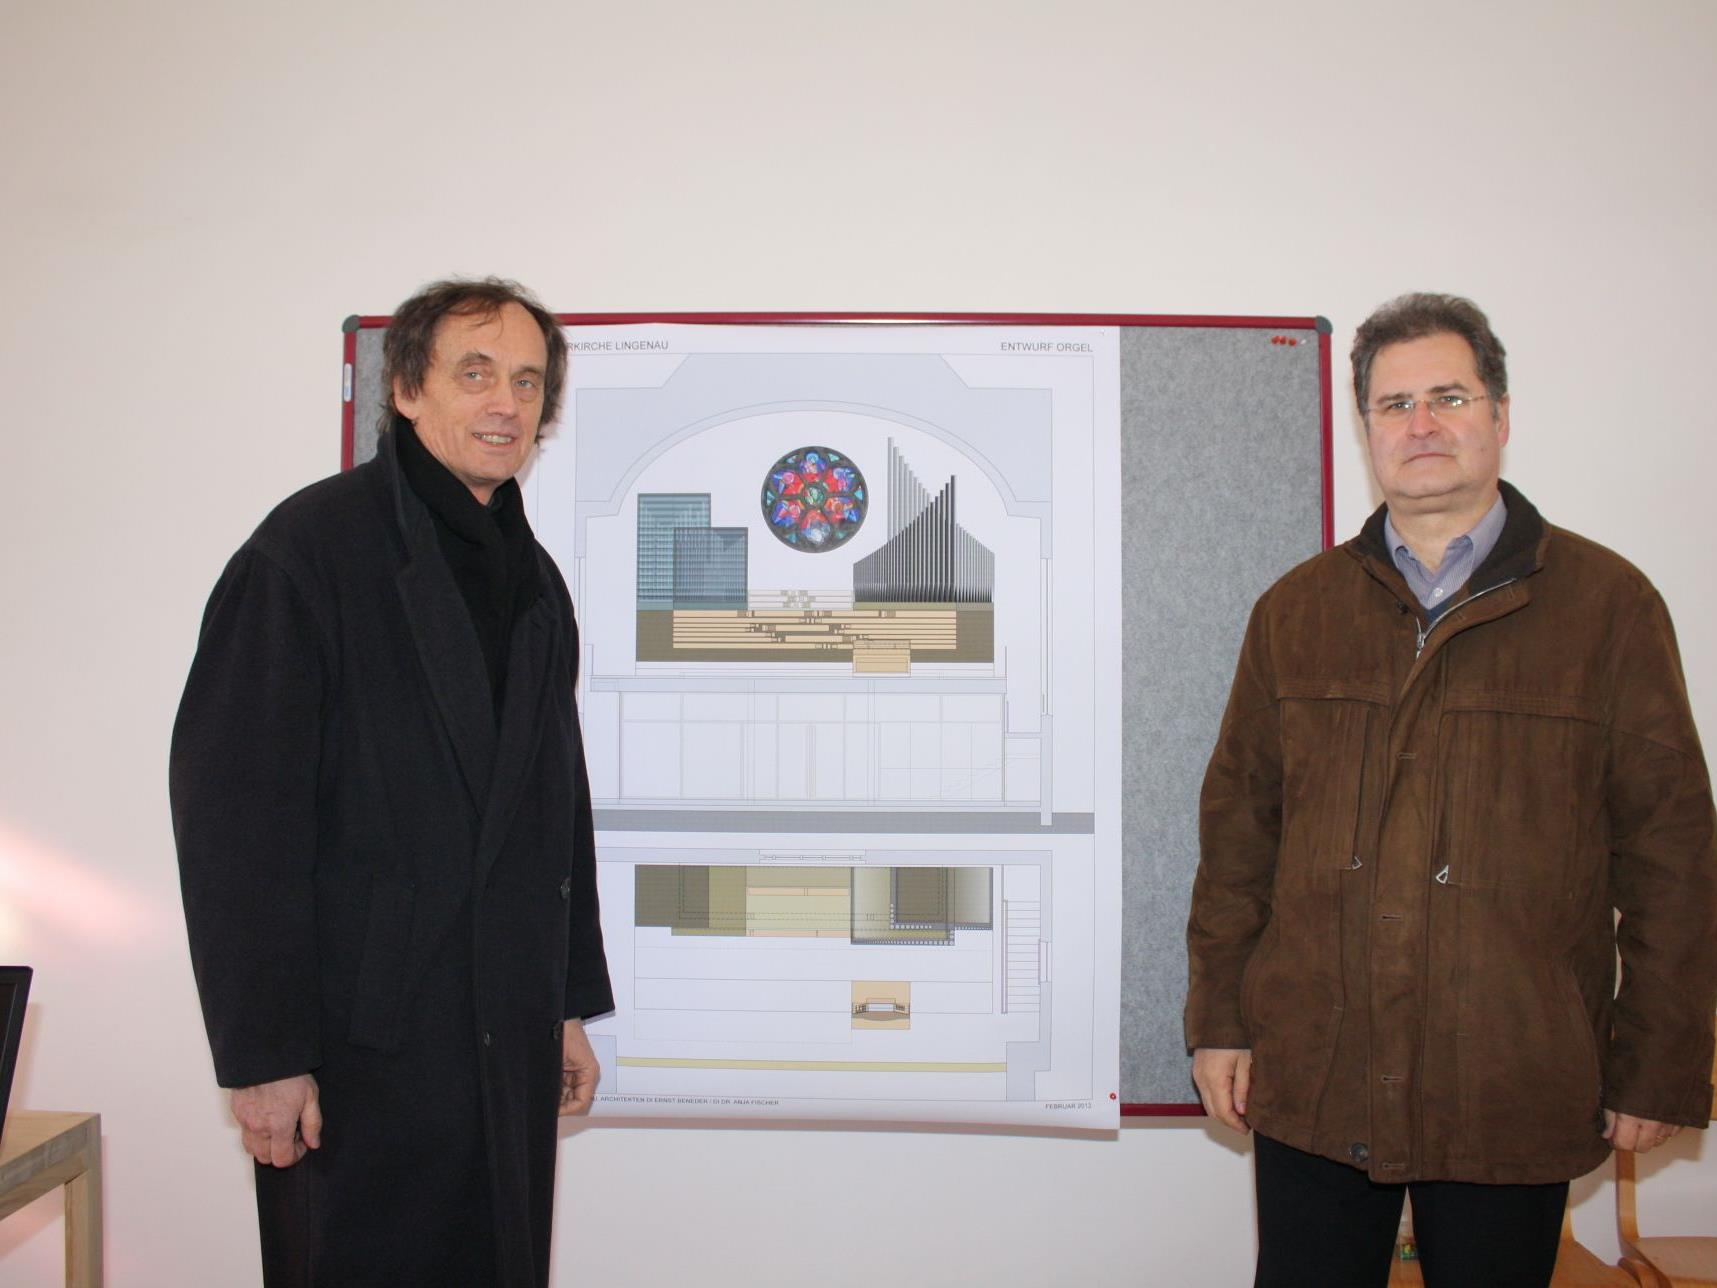 Orgelbauer Wendelin Eberle und Architekt Ernst Beneder präsentierten die Orgelpläne.